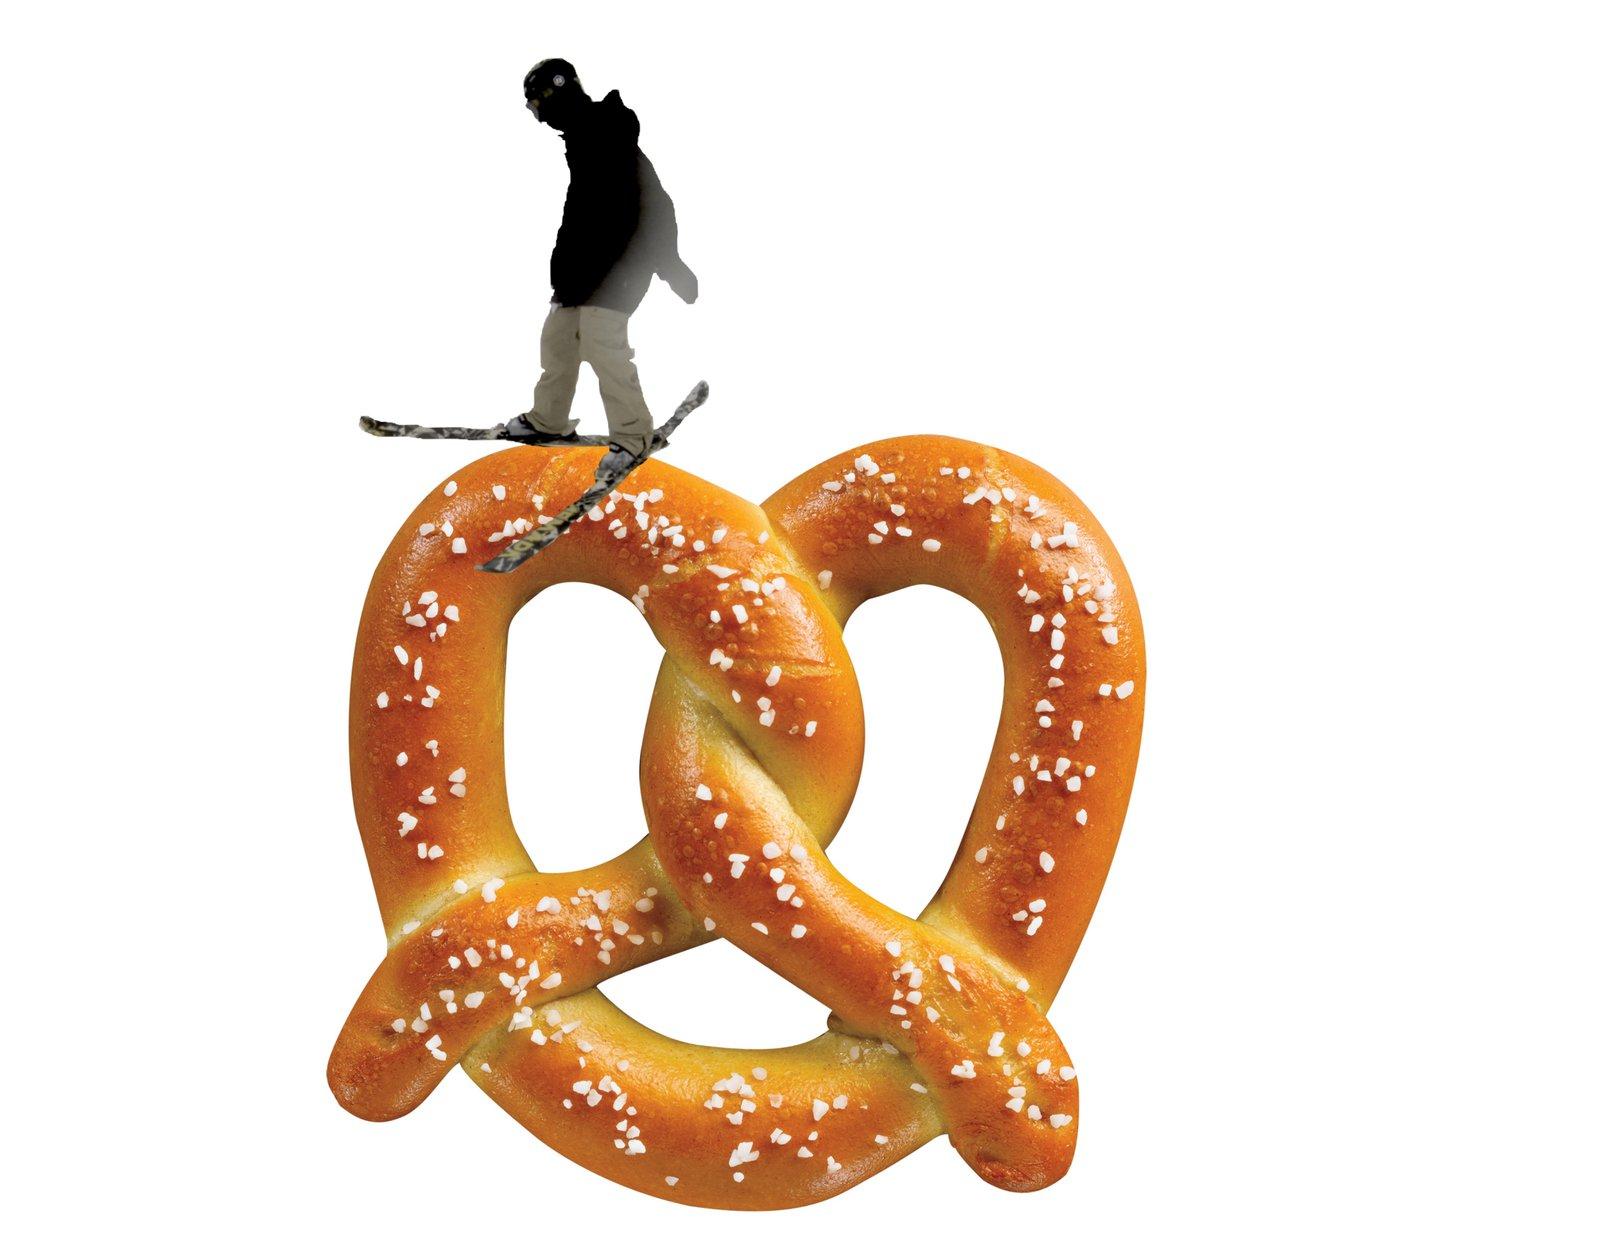 Pretzel the pretzel